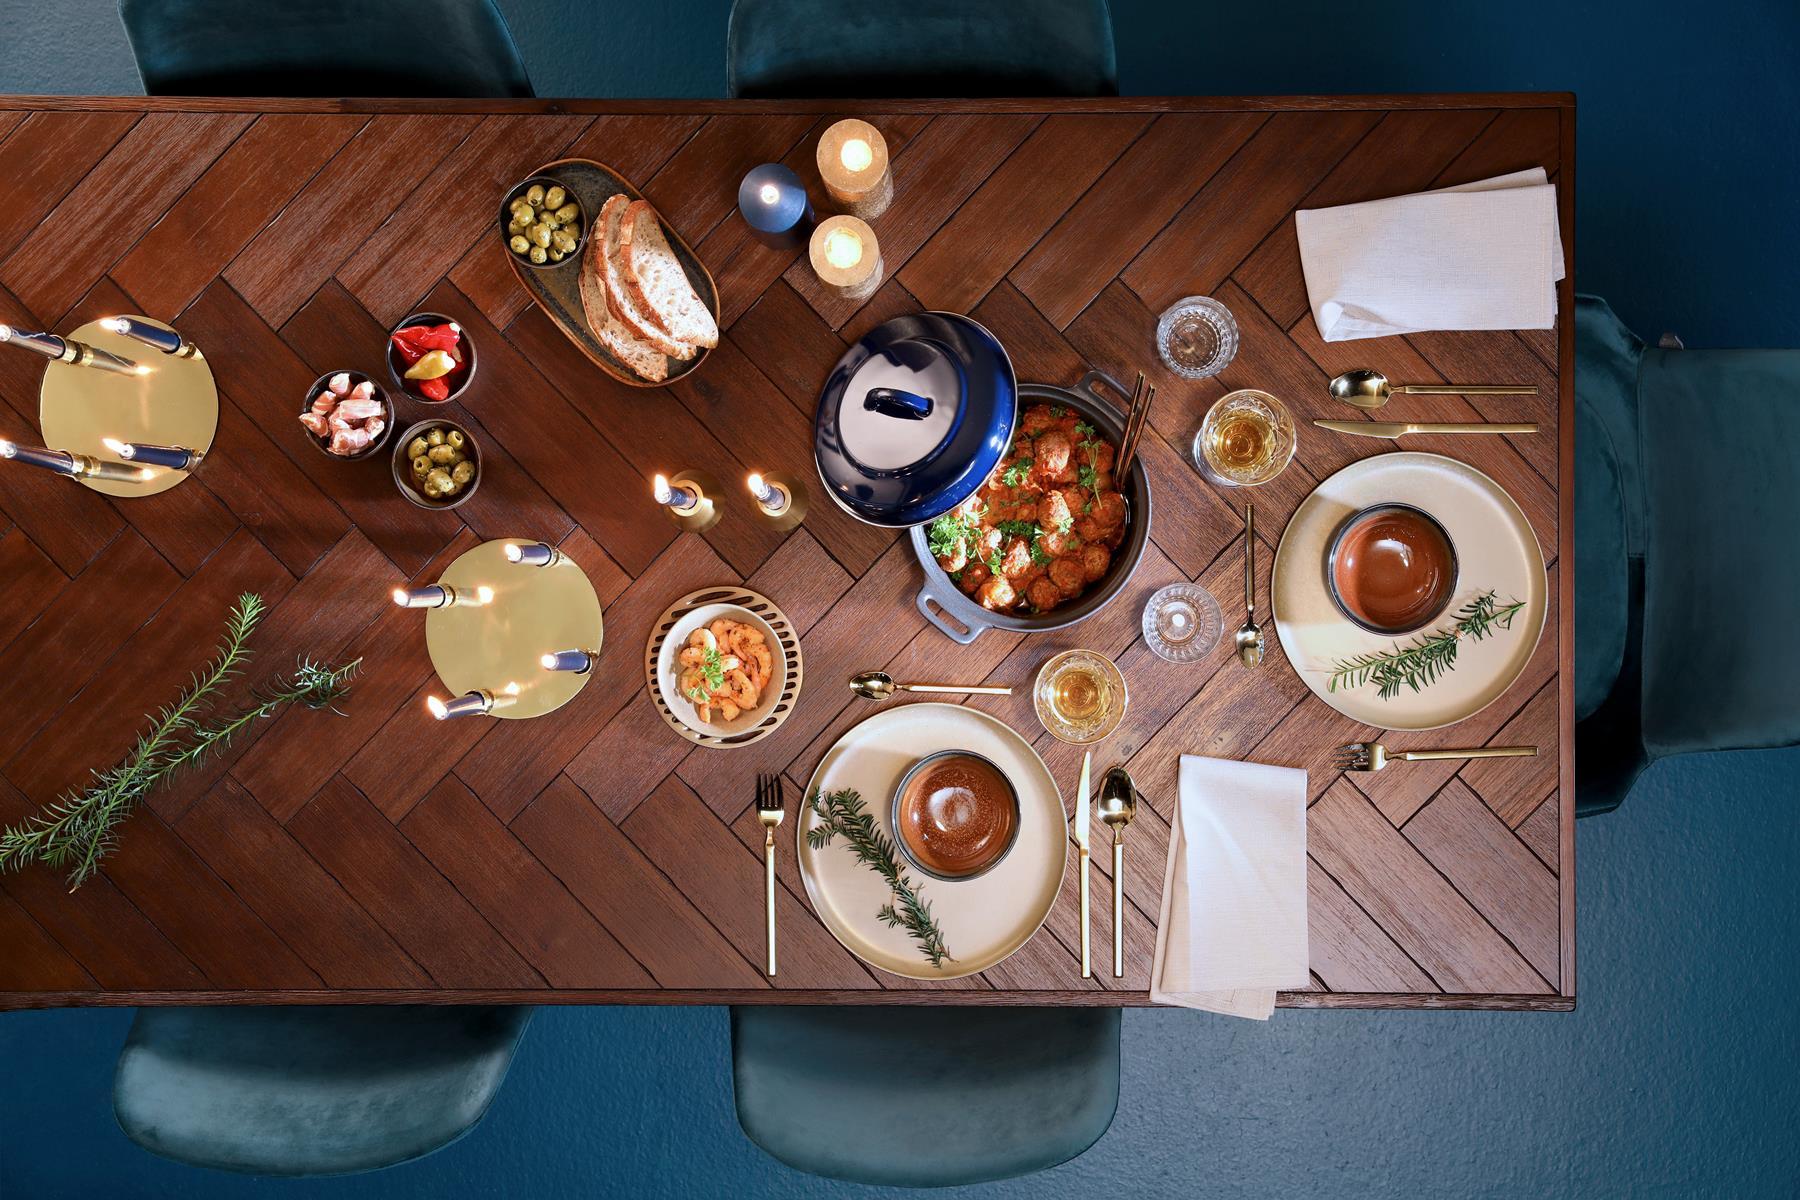 Koken tafelen kopen bij FonQ.nl